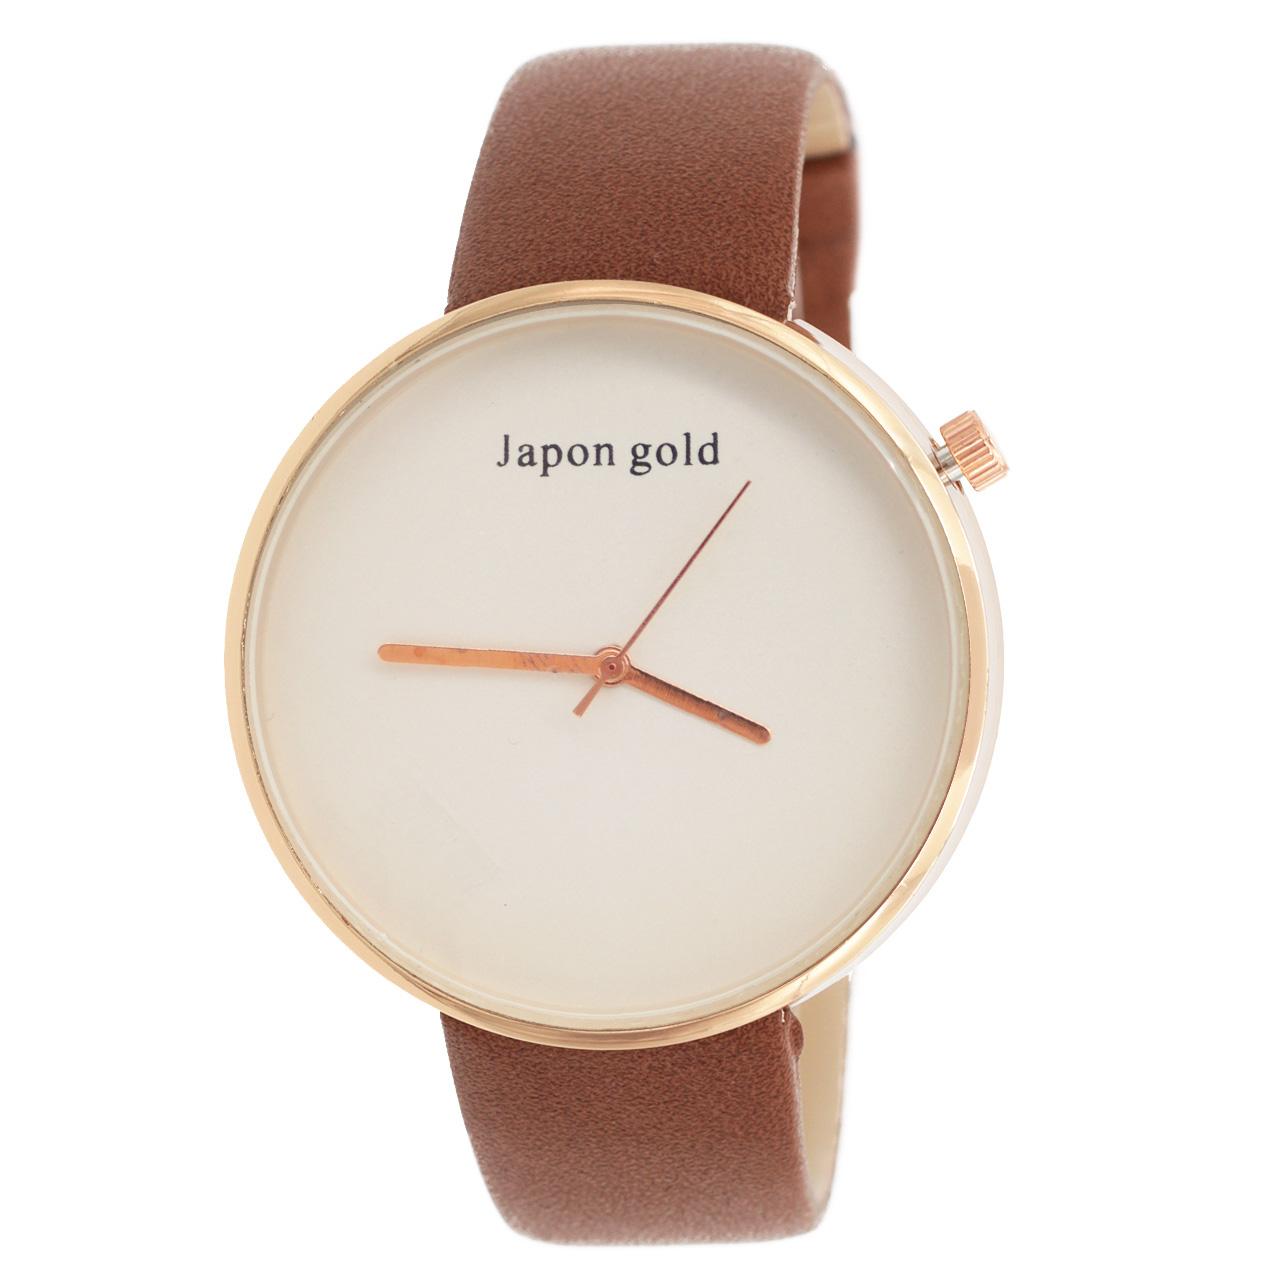 ساعت مچی عقربه ای ژاپن گلد مدل JG1765